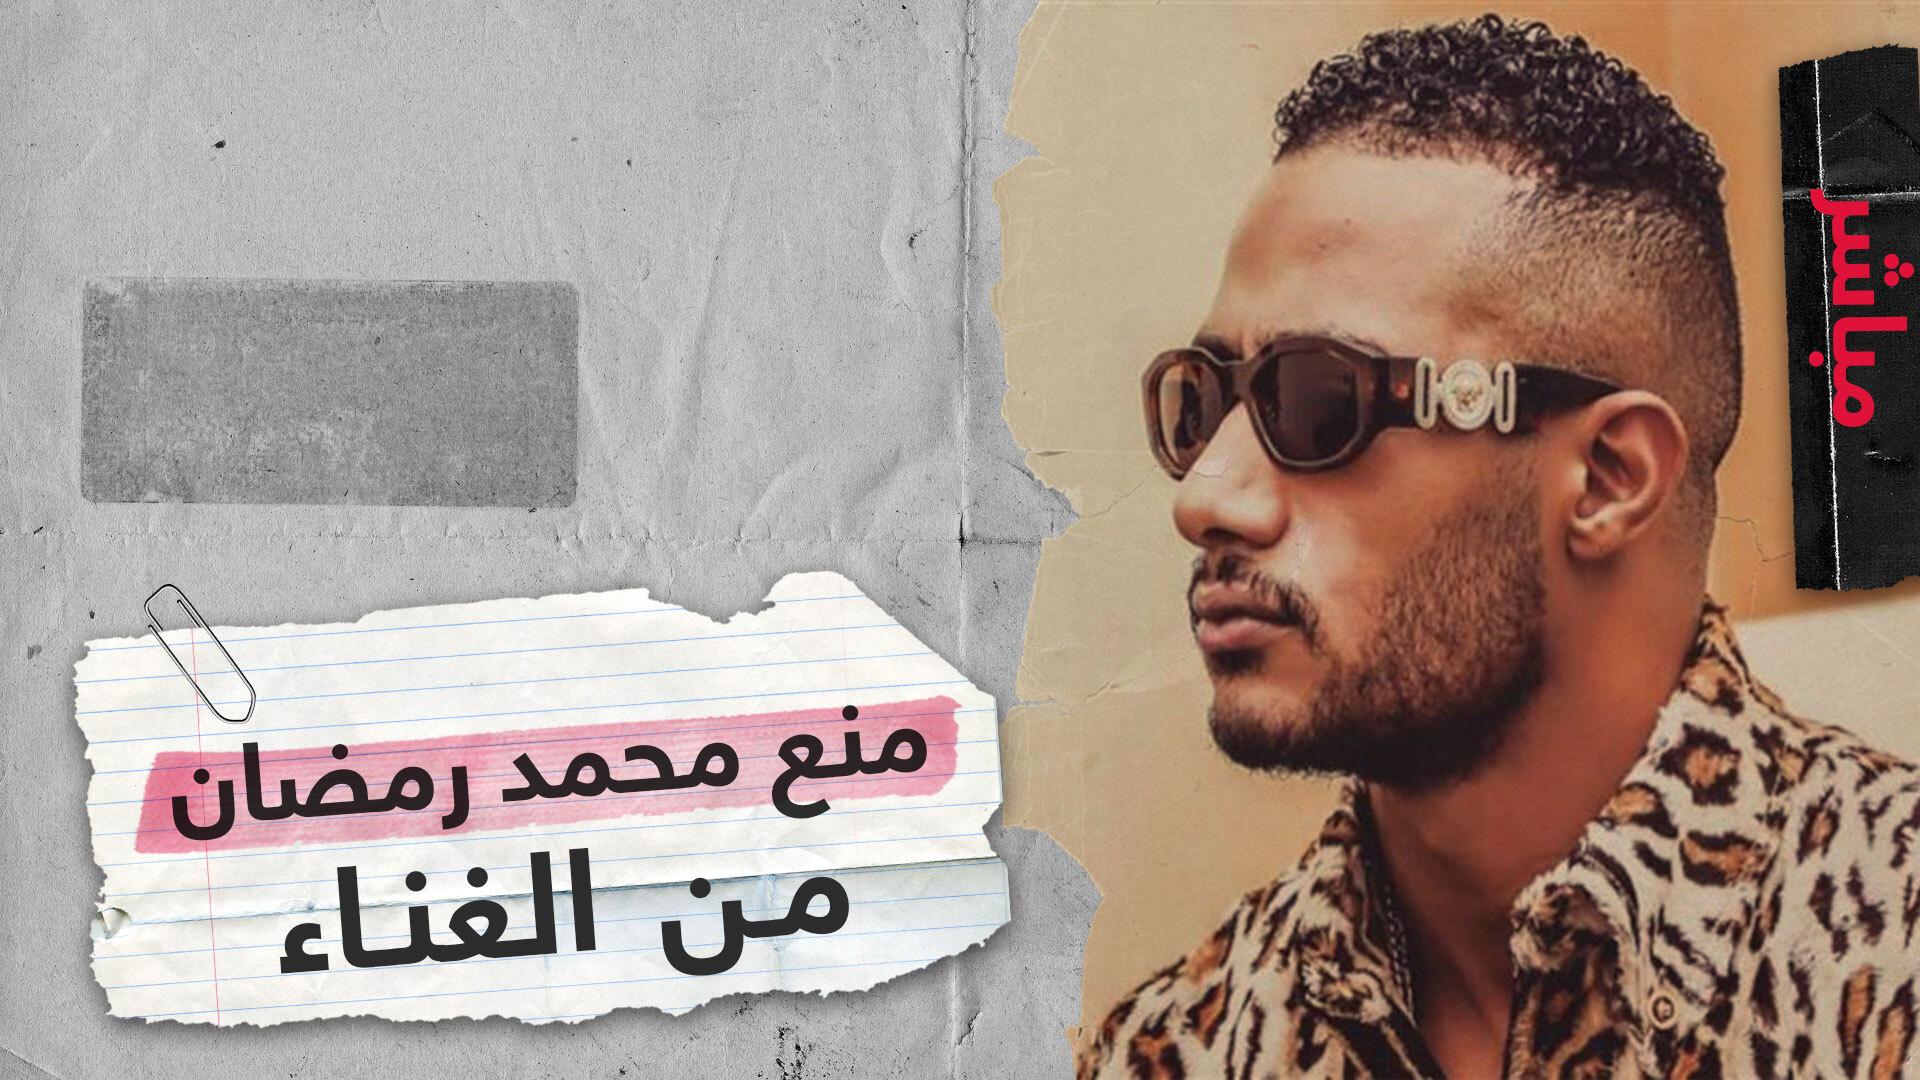 قرار بمنعه من الغناء وحملات لمقاطعته  رمضان: لأني من الطبقة البسيطة